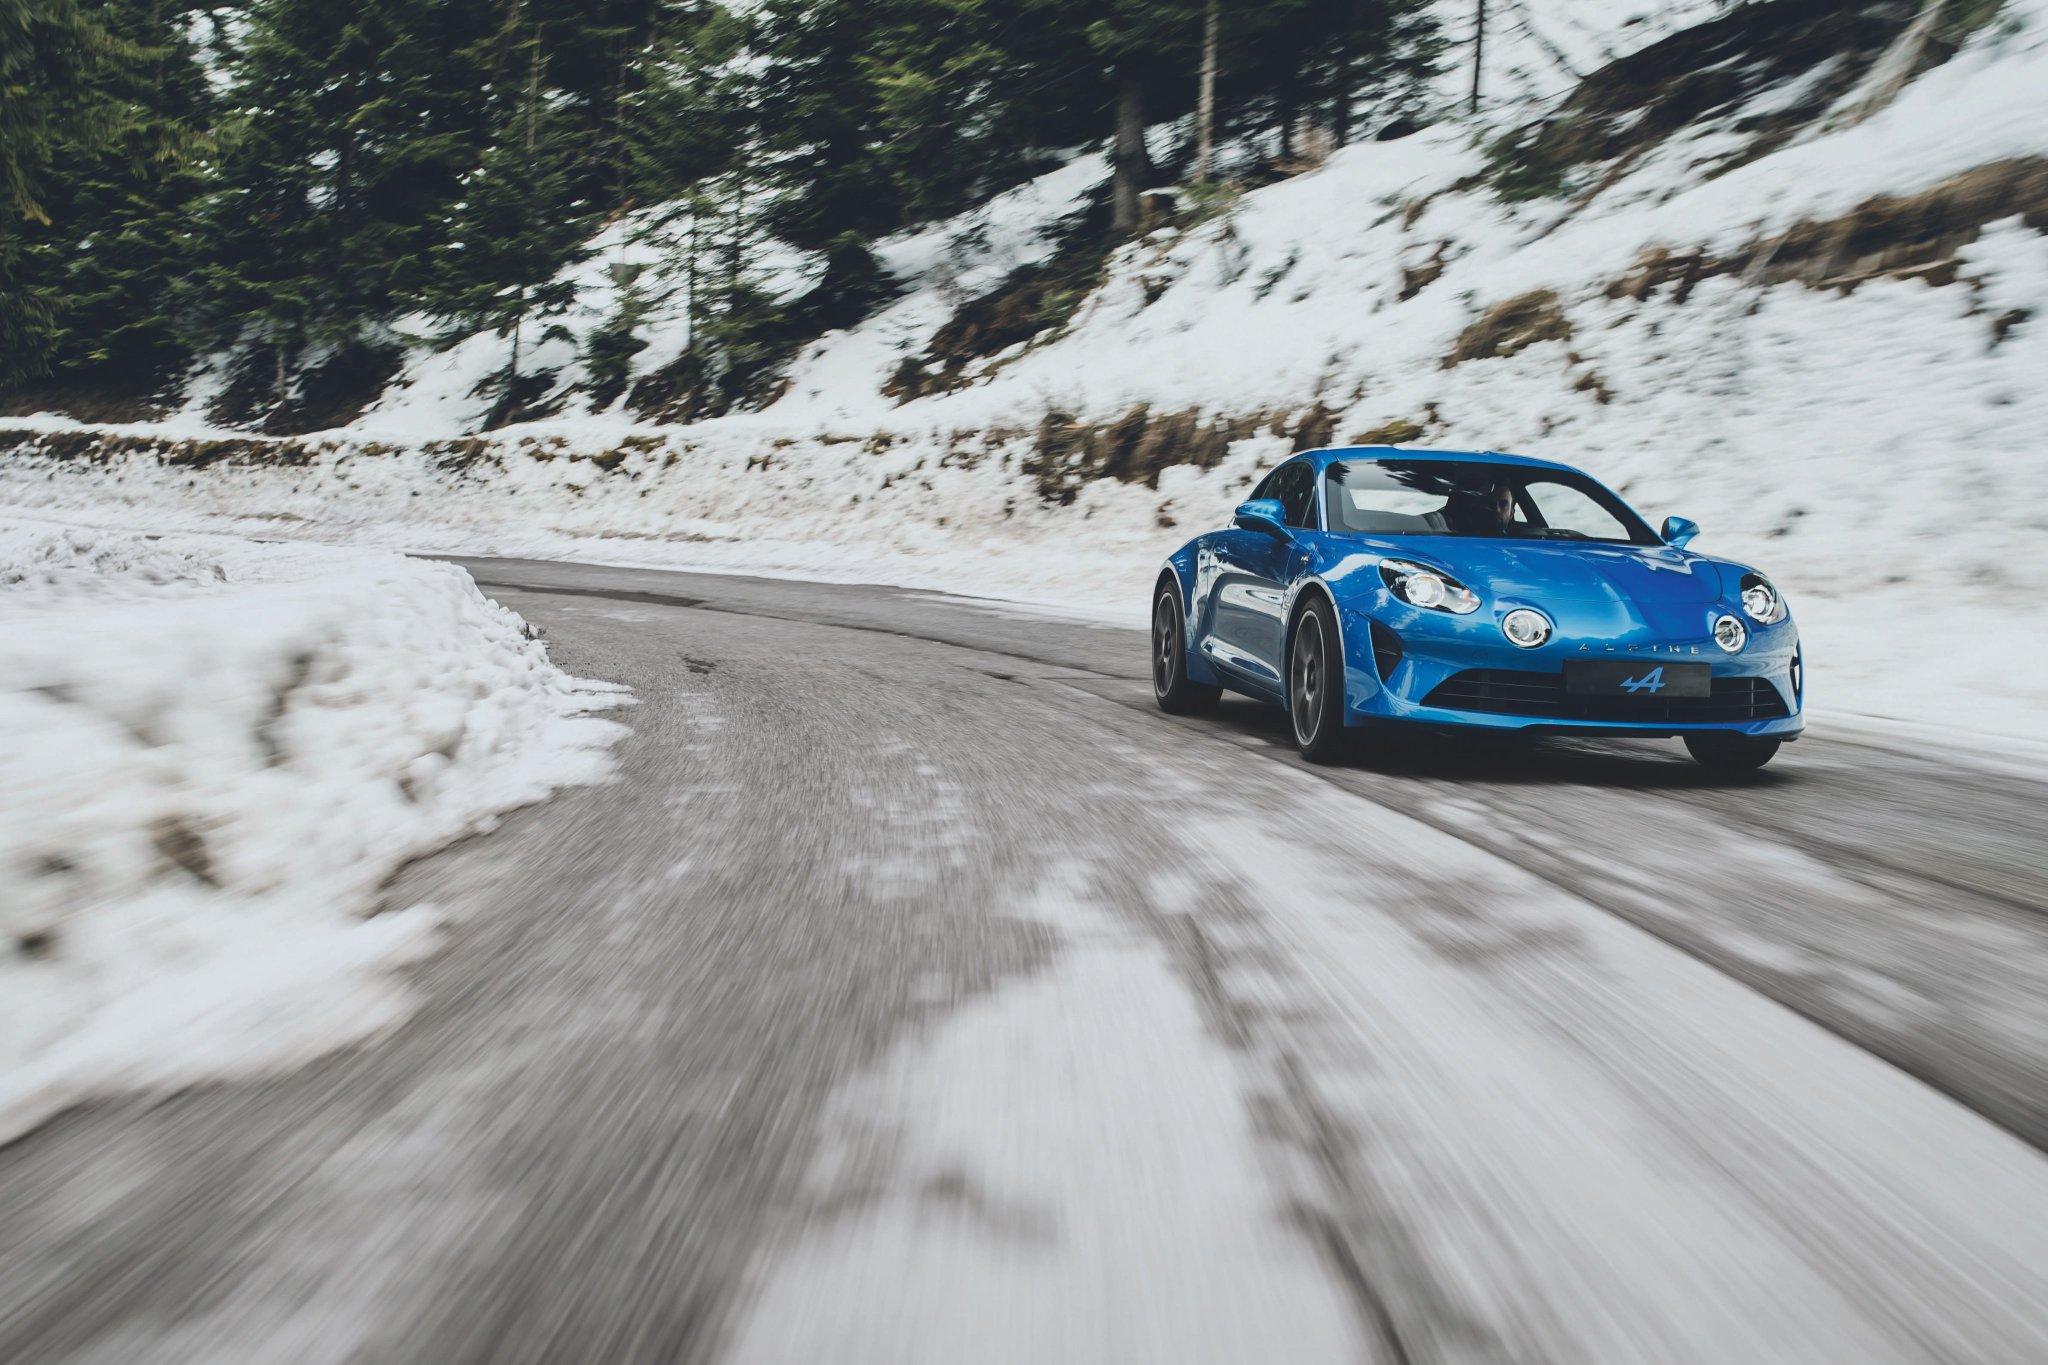 Premiers clichés de l'Alpine A110 Première Edition